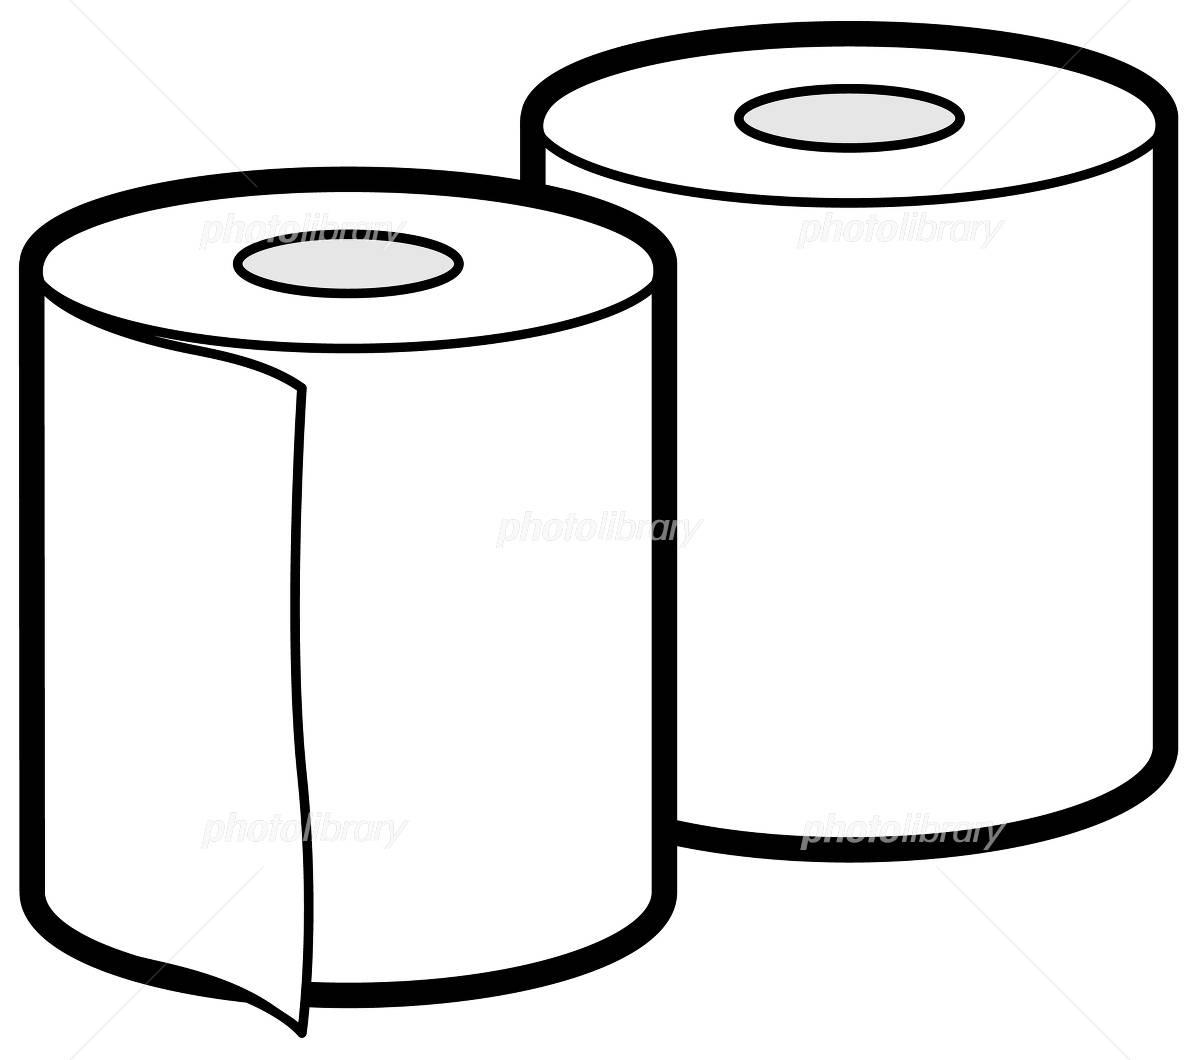 「トイレットペーパーイラスト」の画像検索結果